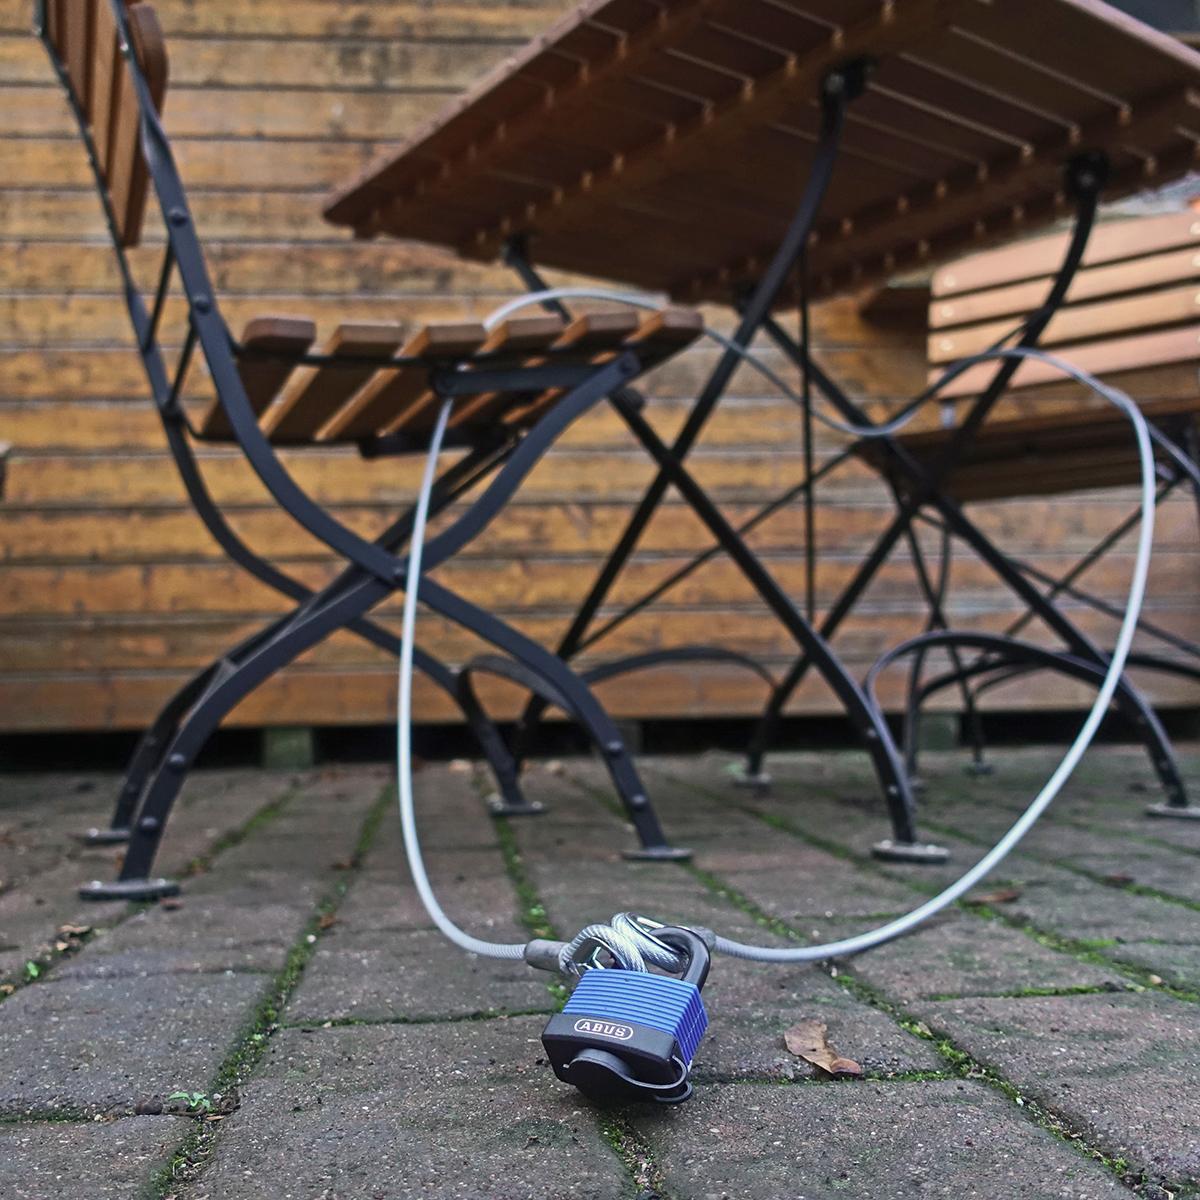 Warensicherung Sicherungsseil Kauschen PVC ummantelt 1m 2m 3m 4m 5m 8m 10m 20m